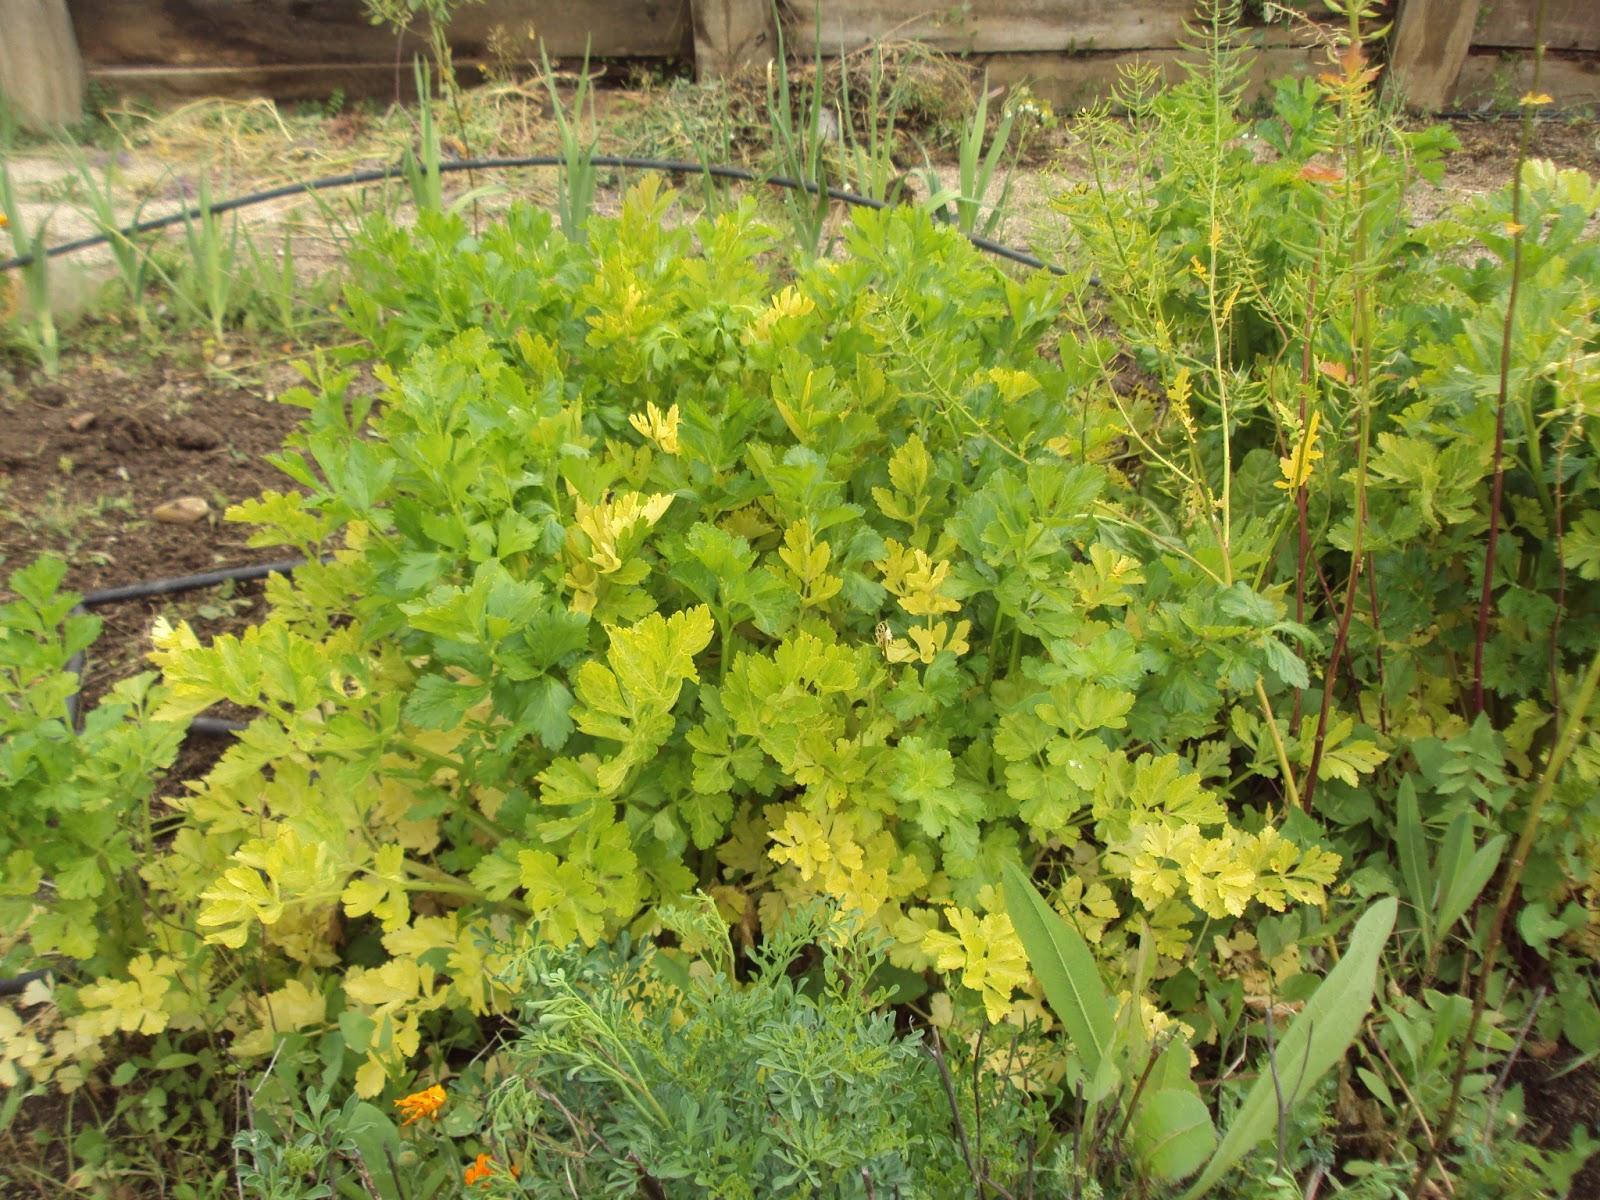 Gu a de plantas arom ticas culinarias y medicinales en el for Asociacion de plantas en el huerto